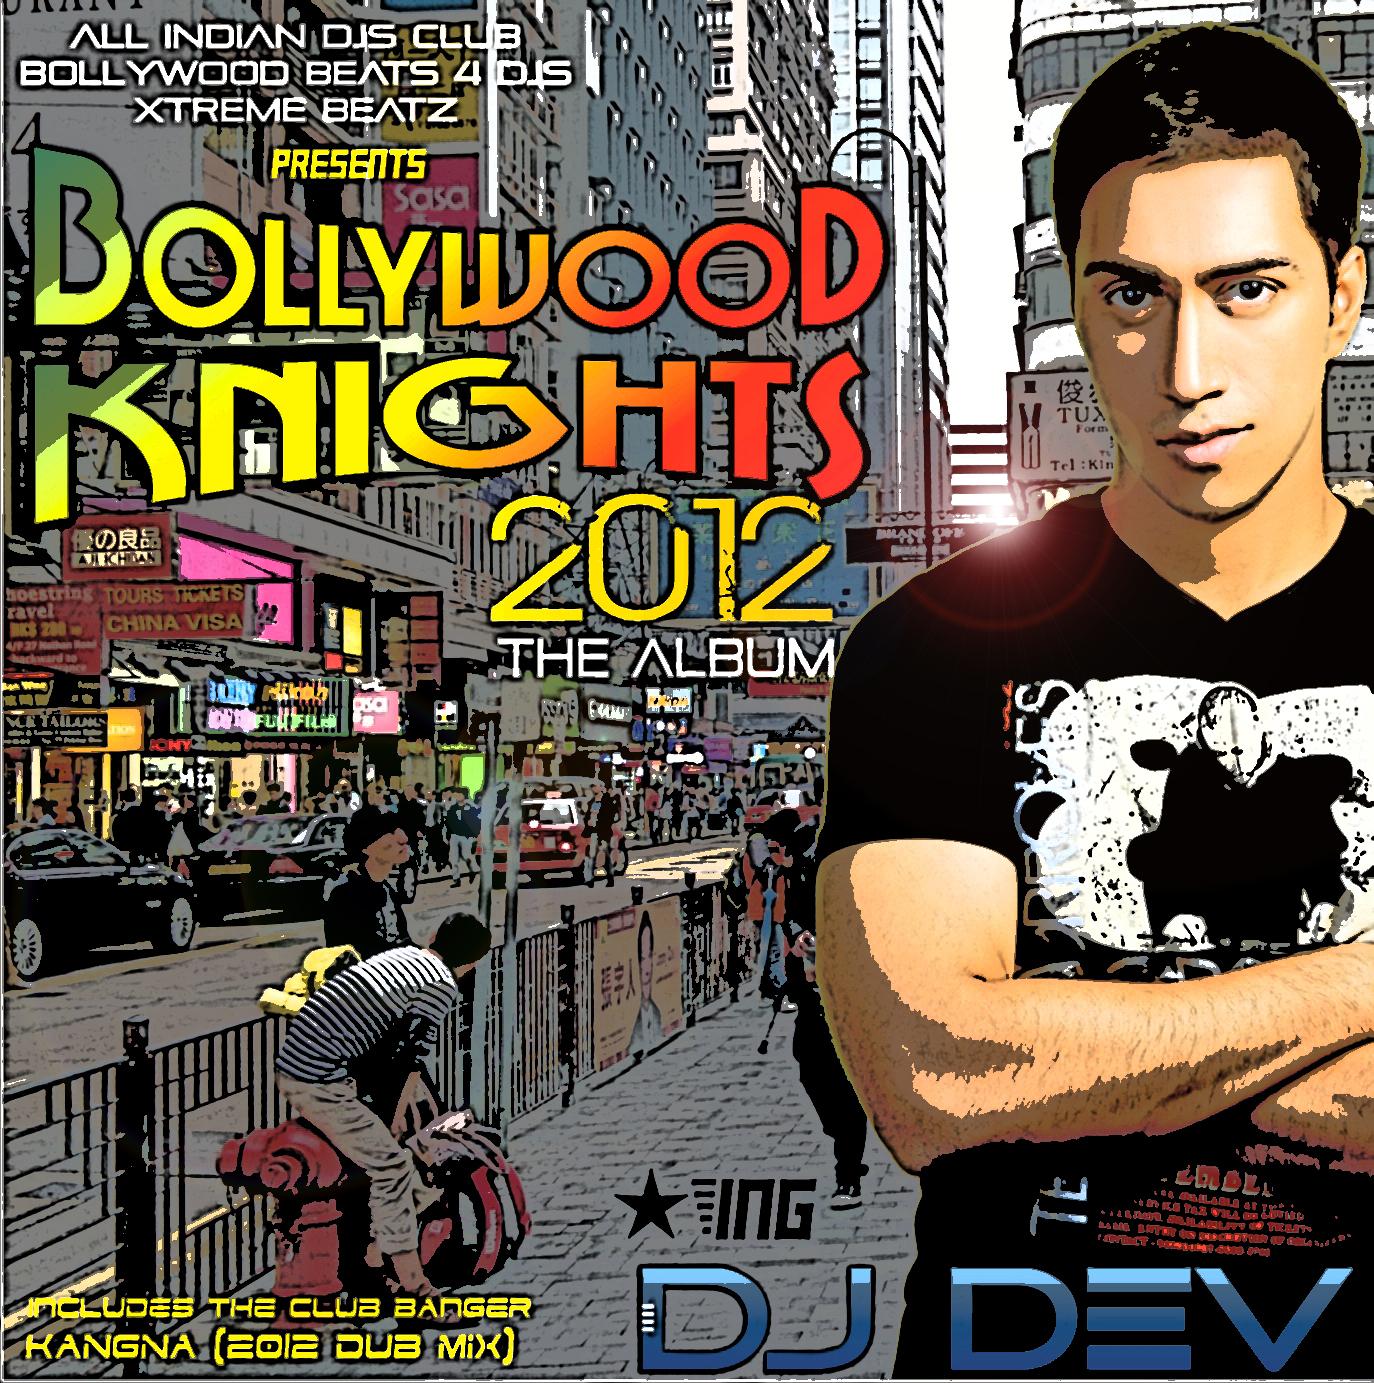 DJ Dev - Bollywood Knights 2012 (The Album) Artworks-000020498776-t9ycl1-original